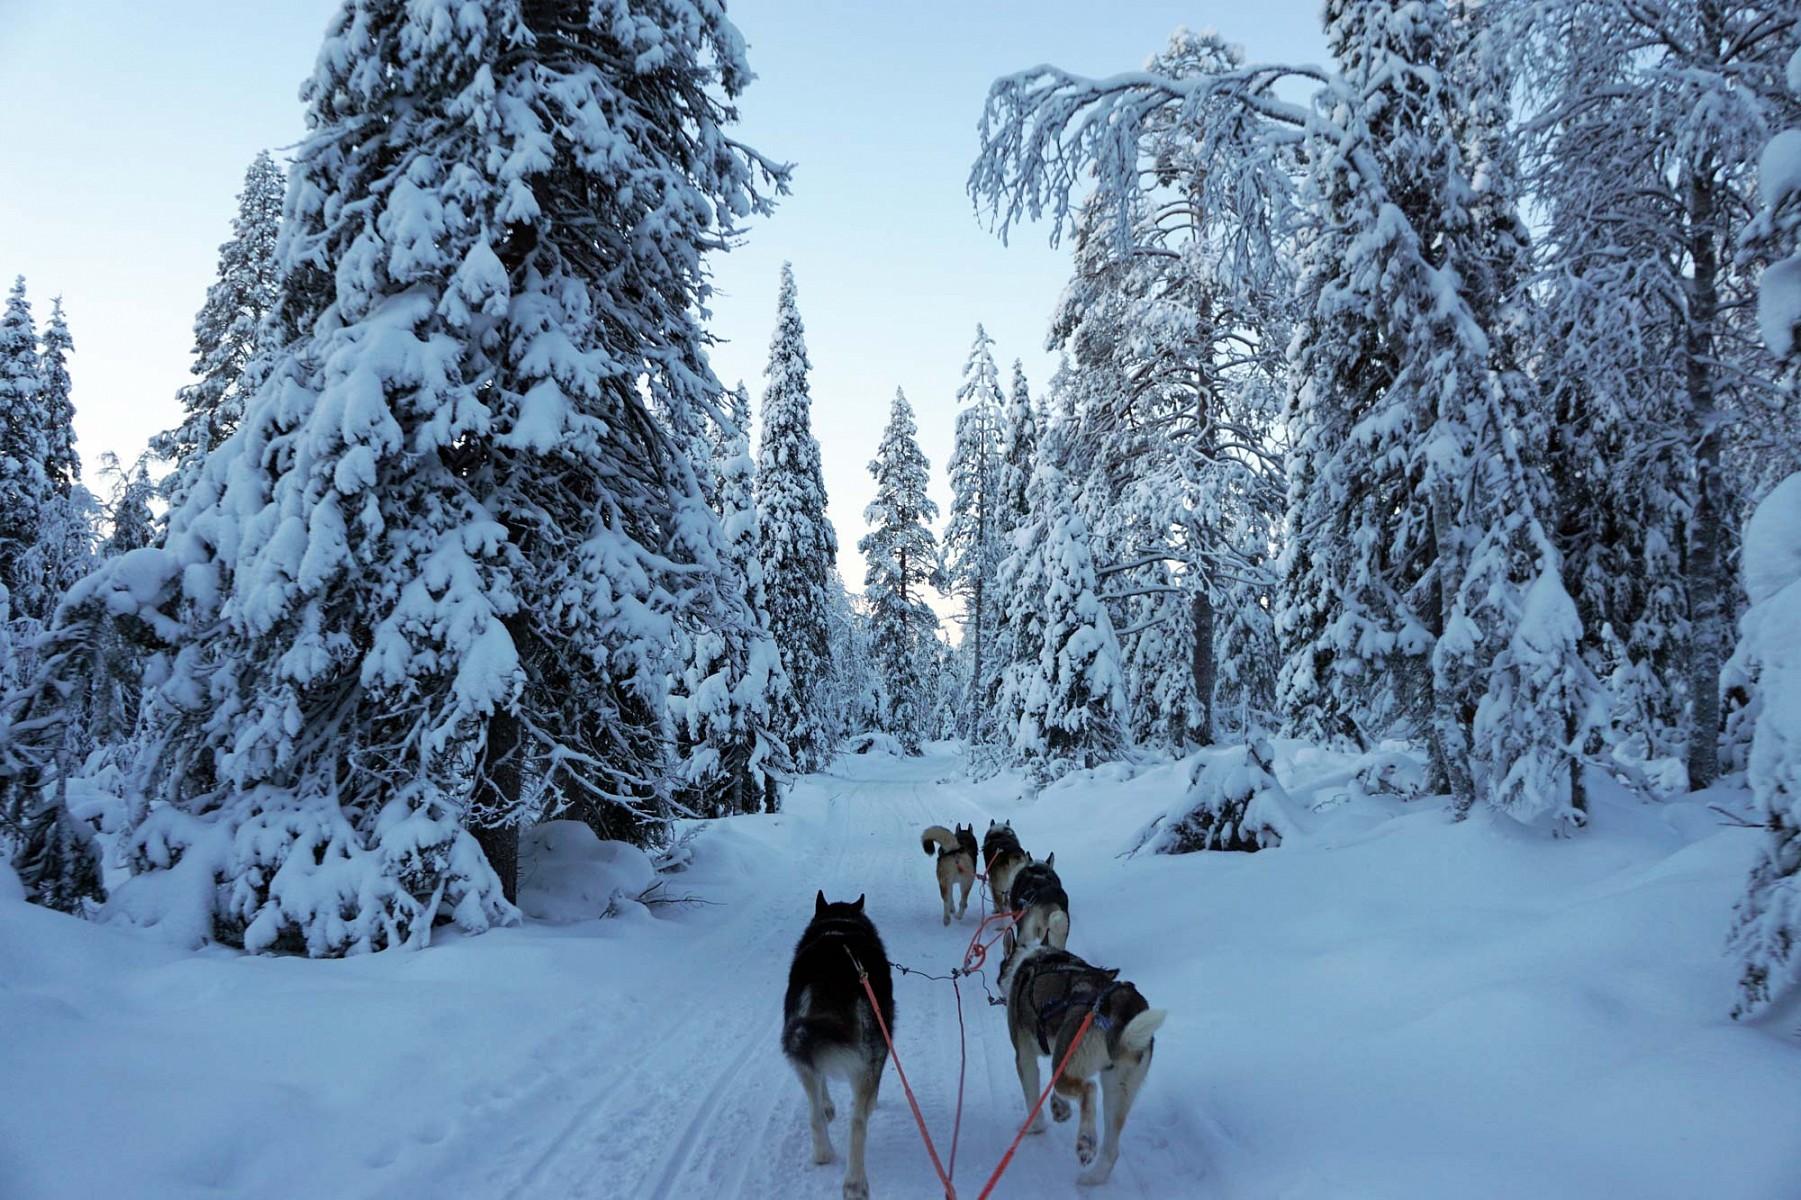 pWenn-man-in-Finnland-ist-darf-ein-Ausflug-mit-dem-Hundeschlitten-natuumlrlich-nicht-fehlennbspIn-einem-Naturpark-suumldoumlstlich-von-Ruka-liegt-das-Cafeacute-Lammintupa-Von-hier-ausnbspgibt-es-eine-kurze-Rundfahrt-mit-dem-HuskyschlittenppquotQuirlig-und-doch-ruhig-zugleich-werden-wir-durch-die-weiszlige-Landschaft-gezogenquotp